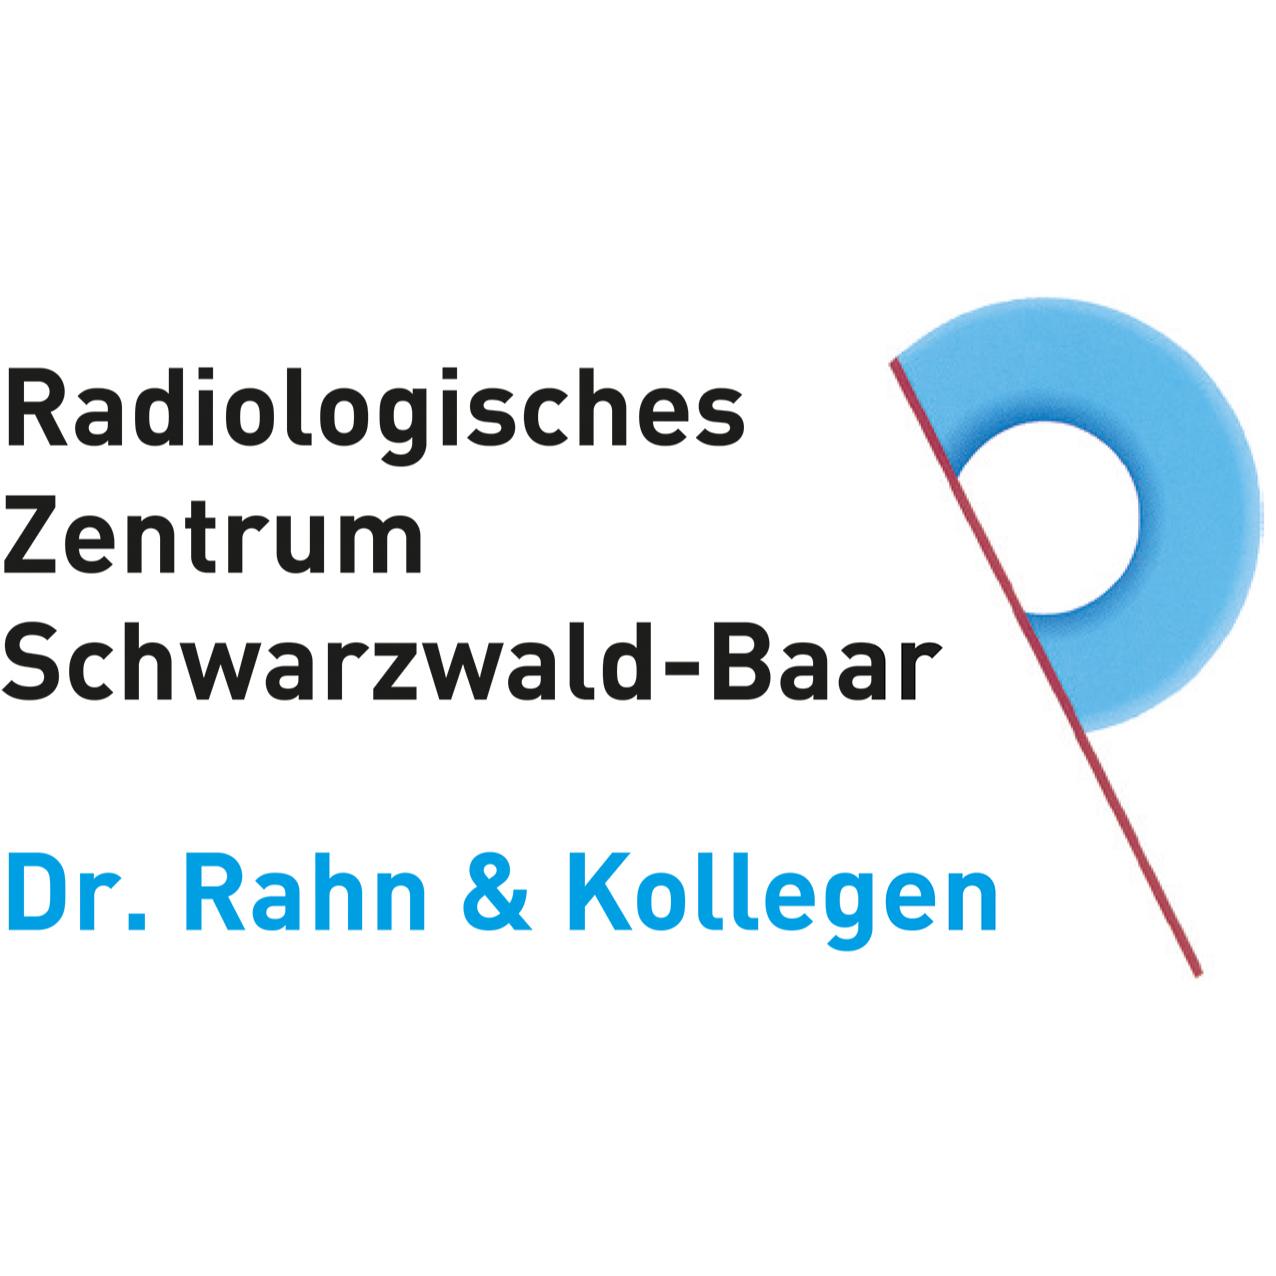 Bild zu Radiologisches Zentrum Schwarzwald-Baar Dr. Rahn und Kollegen in Villingen Schwenningen